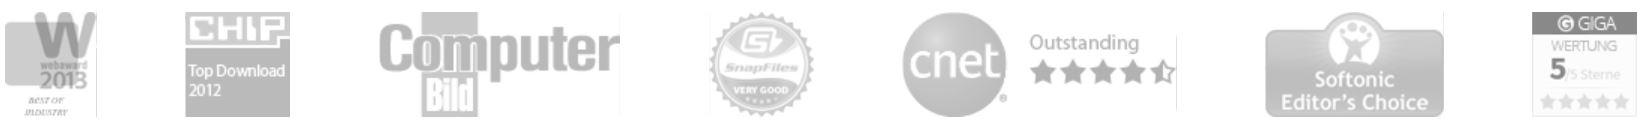 5star ratings